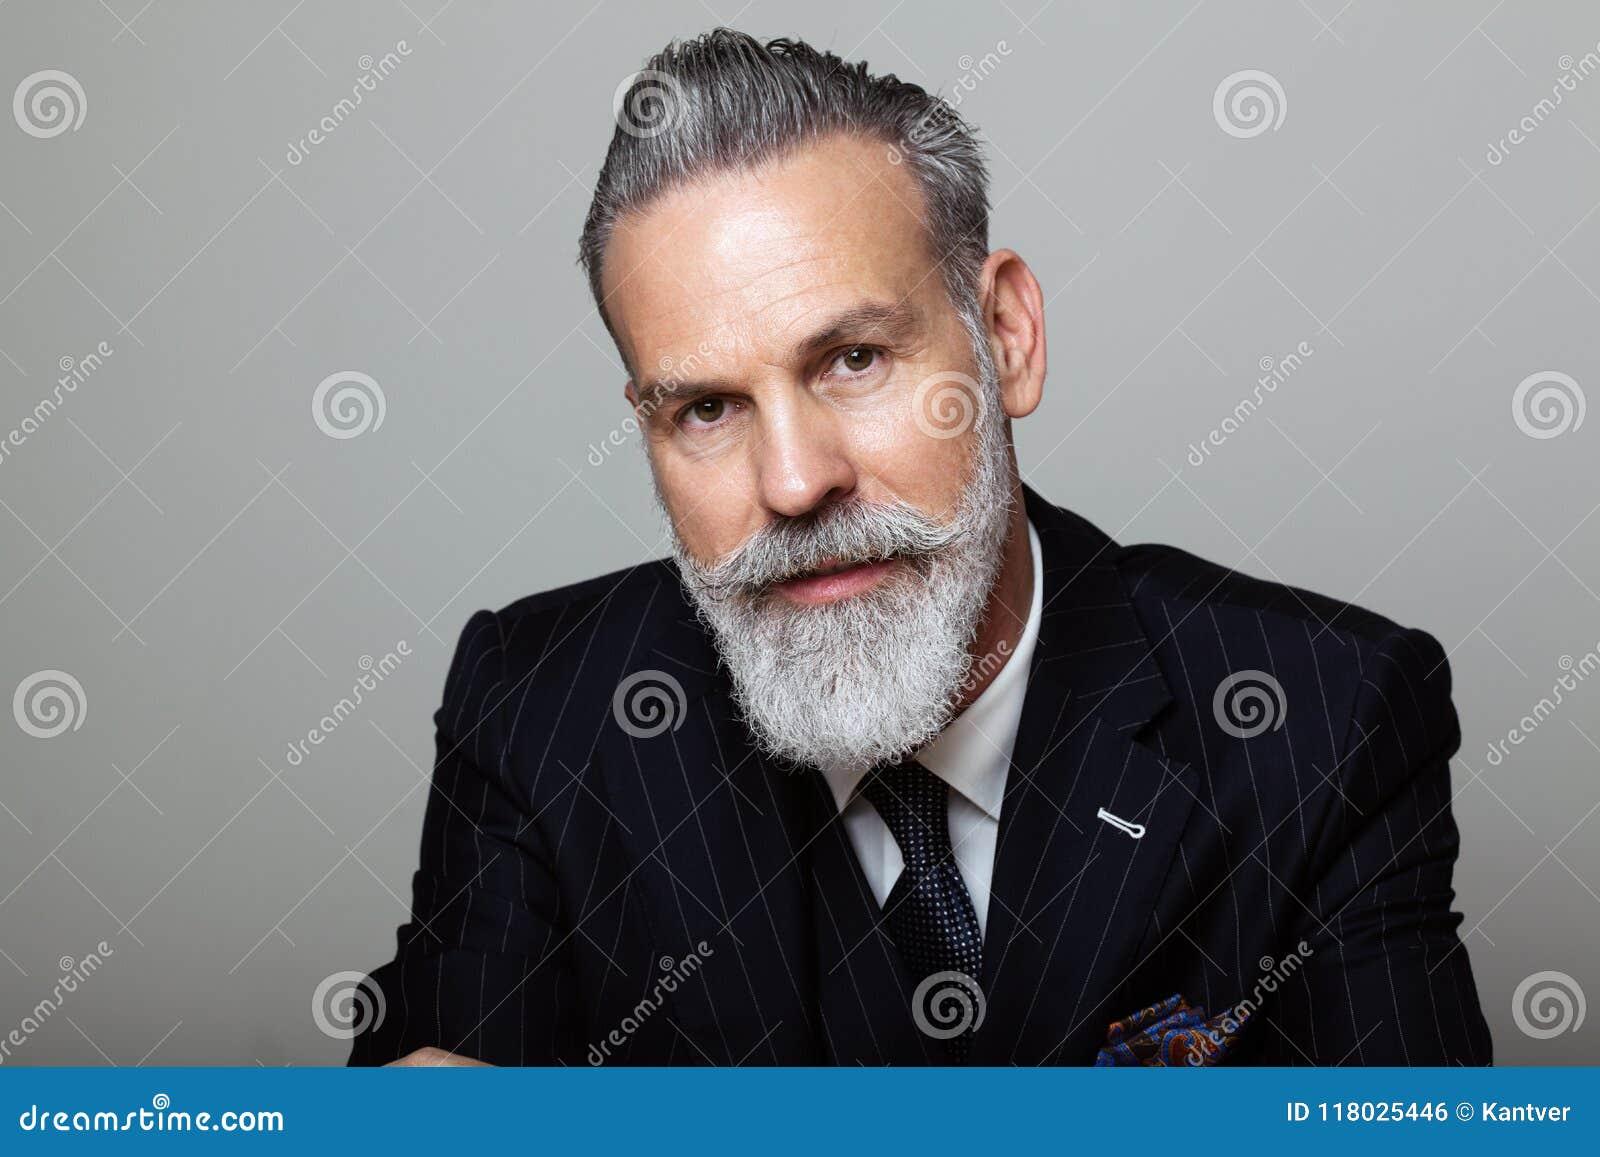 Retrato del caballero barbudo atractivo que lleva el traje de moda sobre fondo gris vacío Tiro del estudio, concepto de la moda